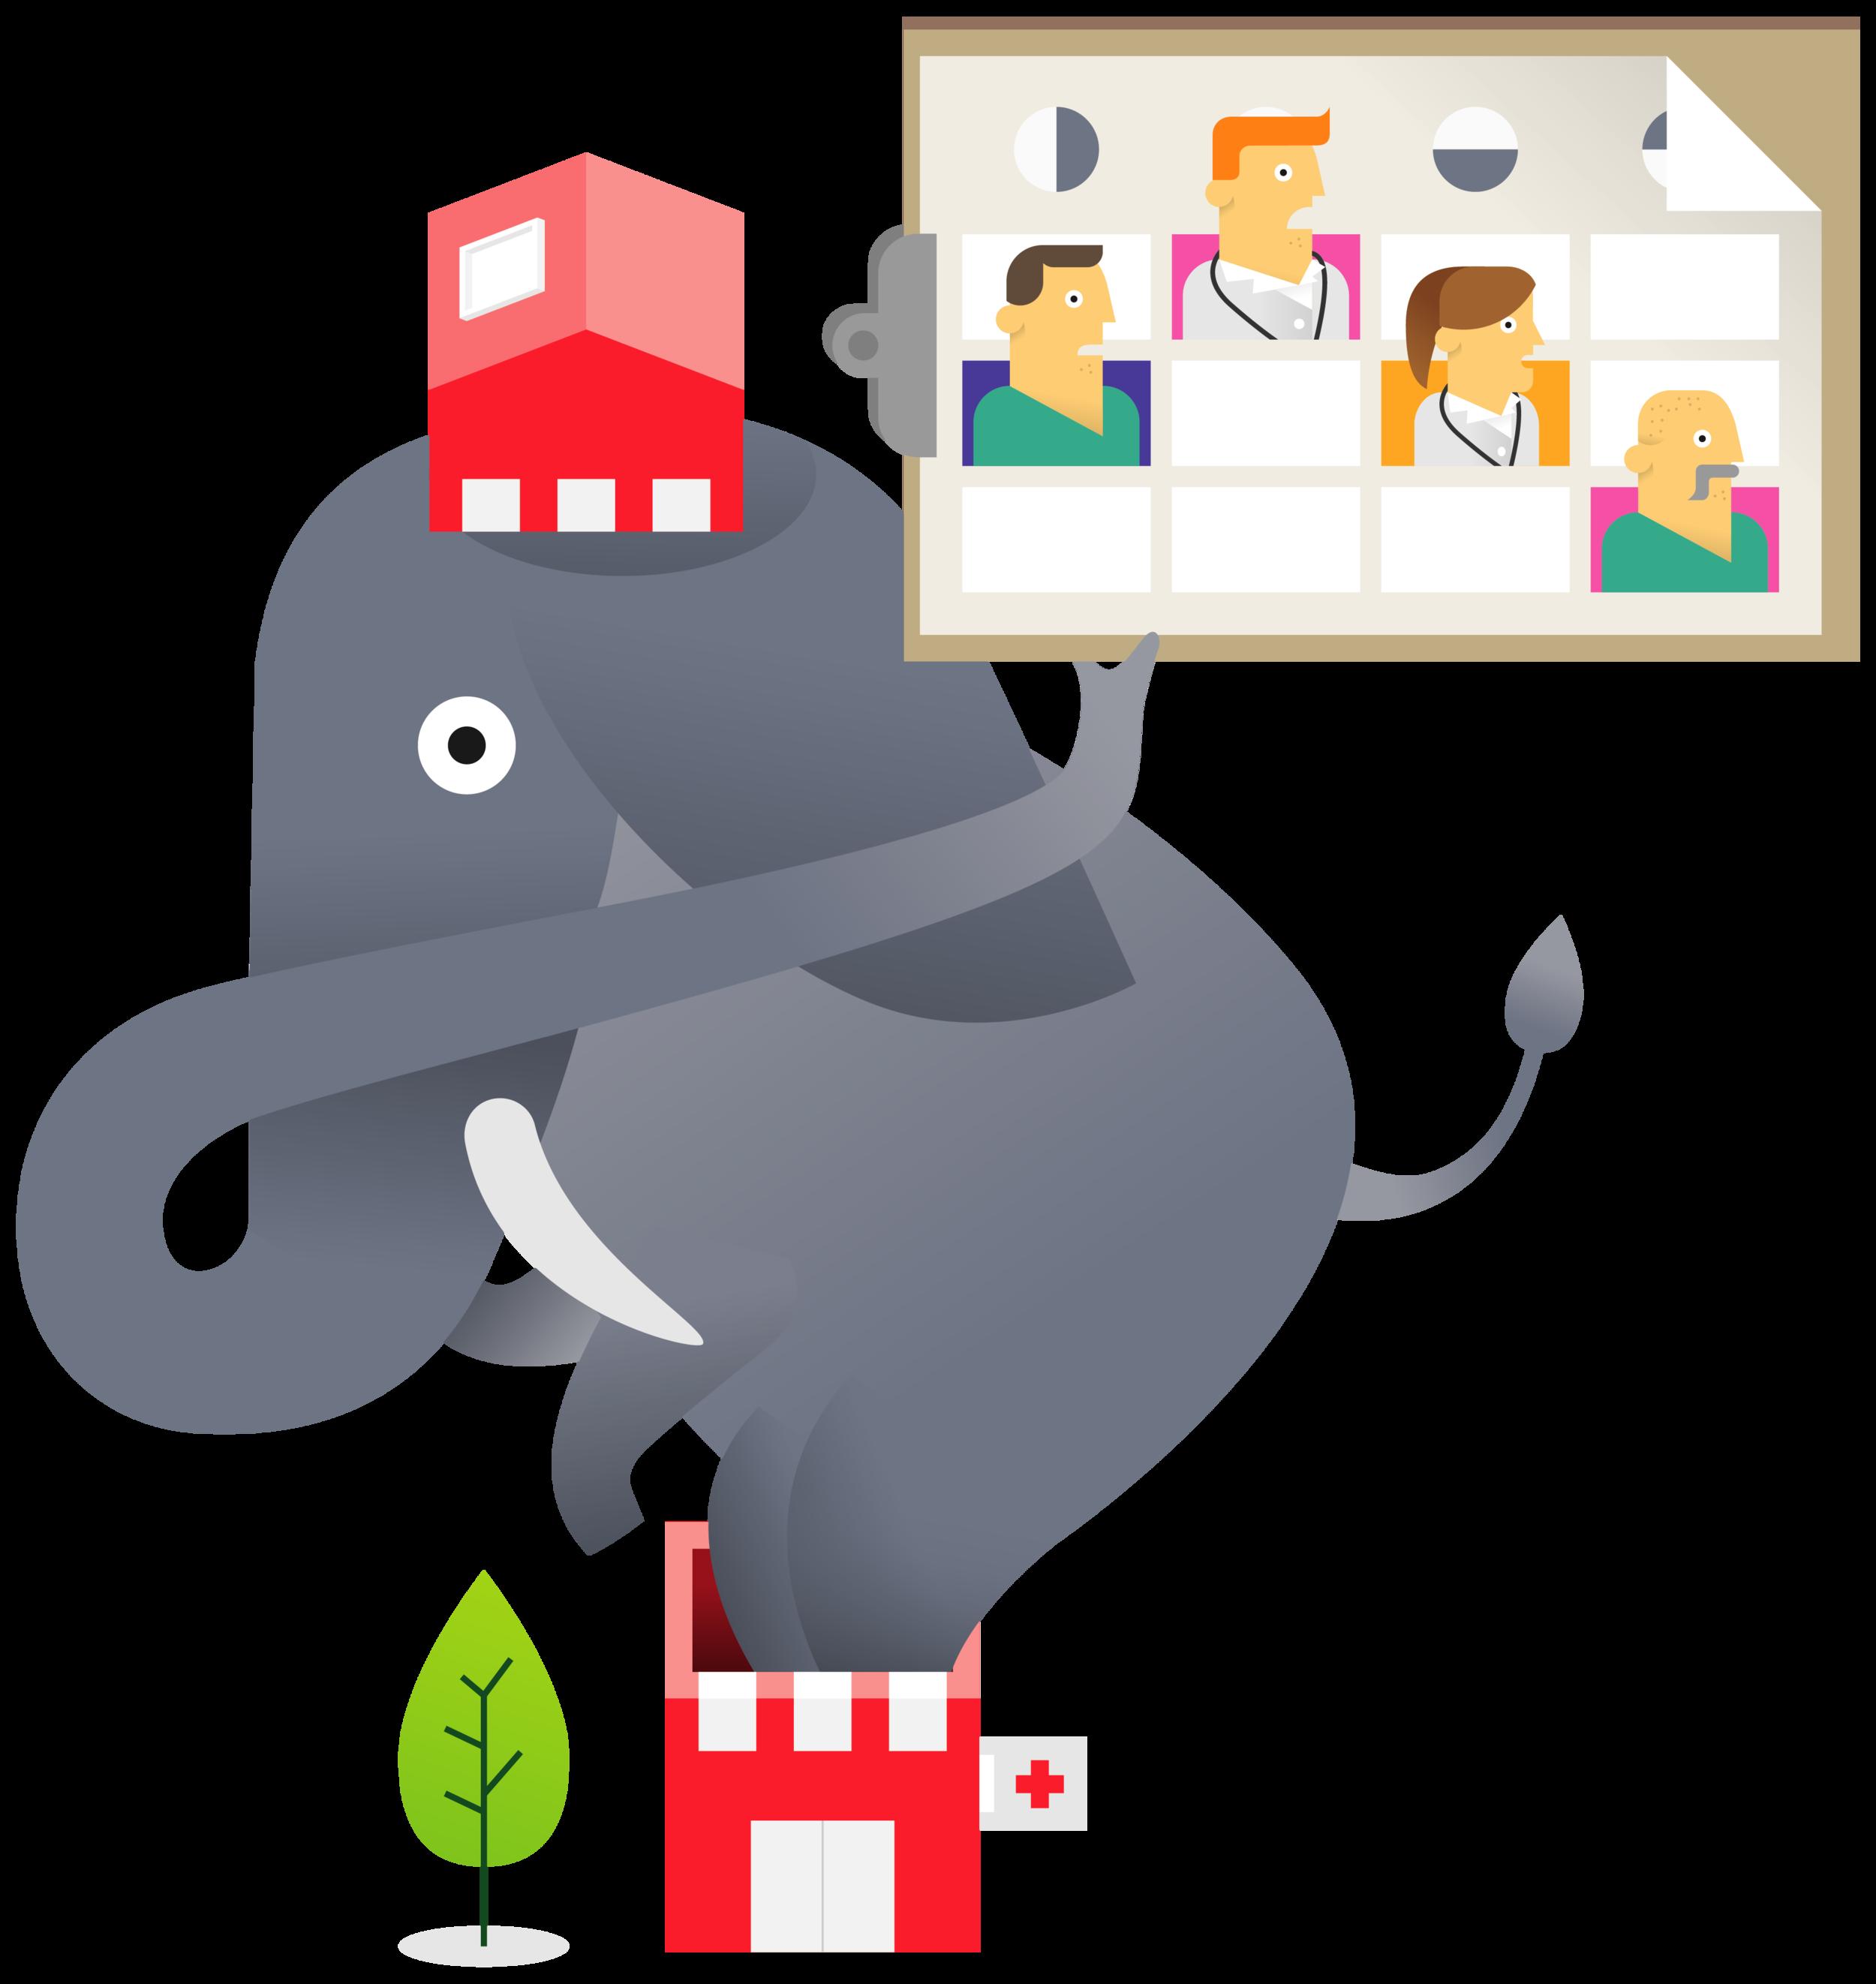 elephant_rota_gaps.png